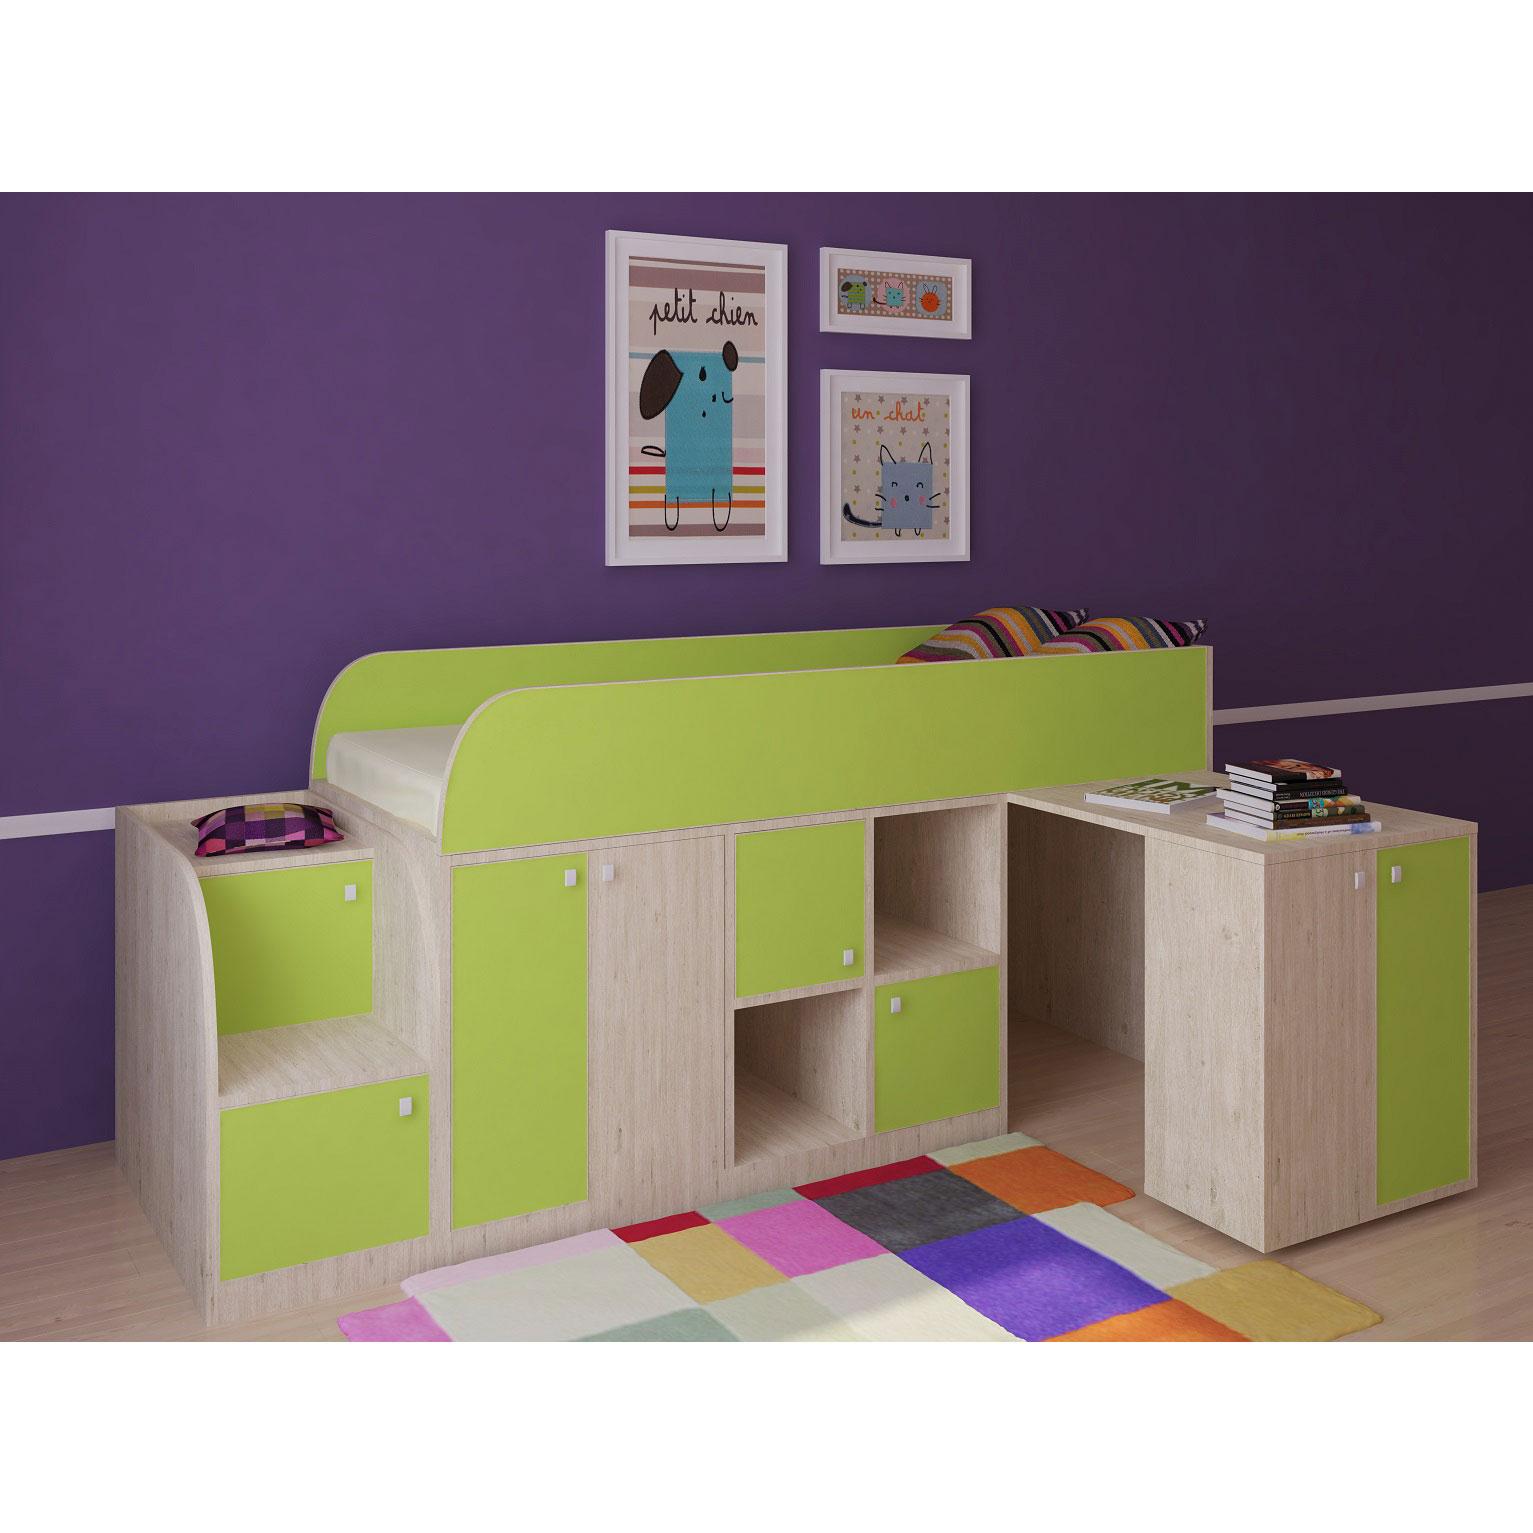 Набор мебели РВ-Мебель Астра мини Дуб молочный/Салатовый<br>